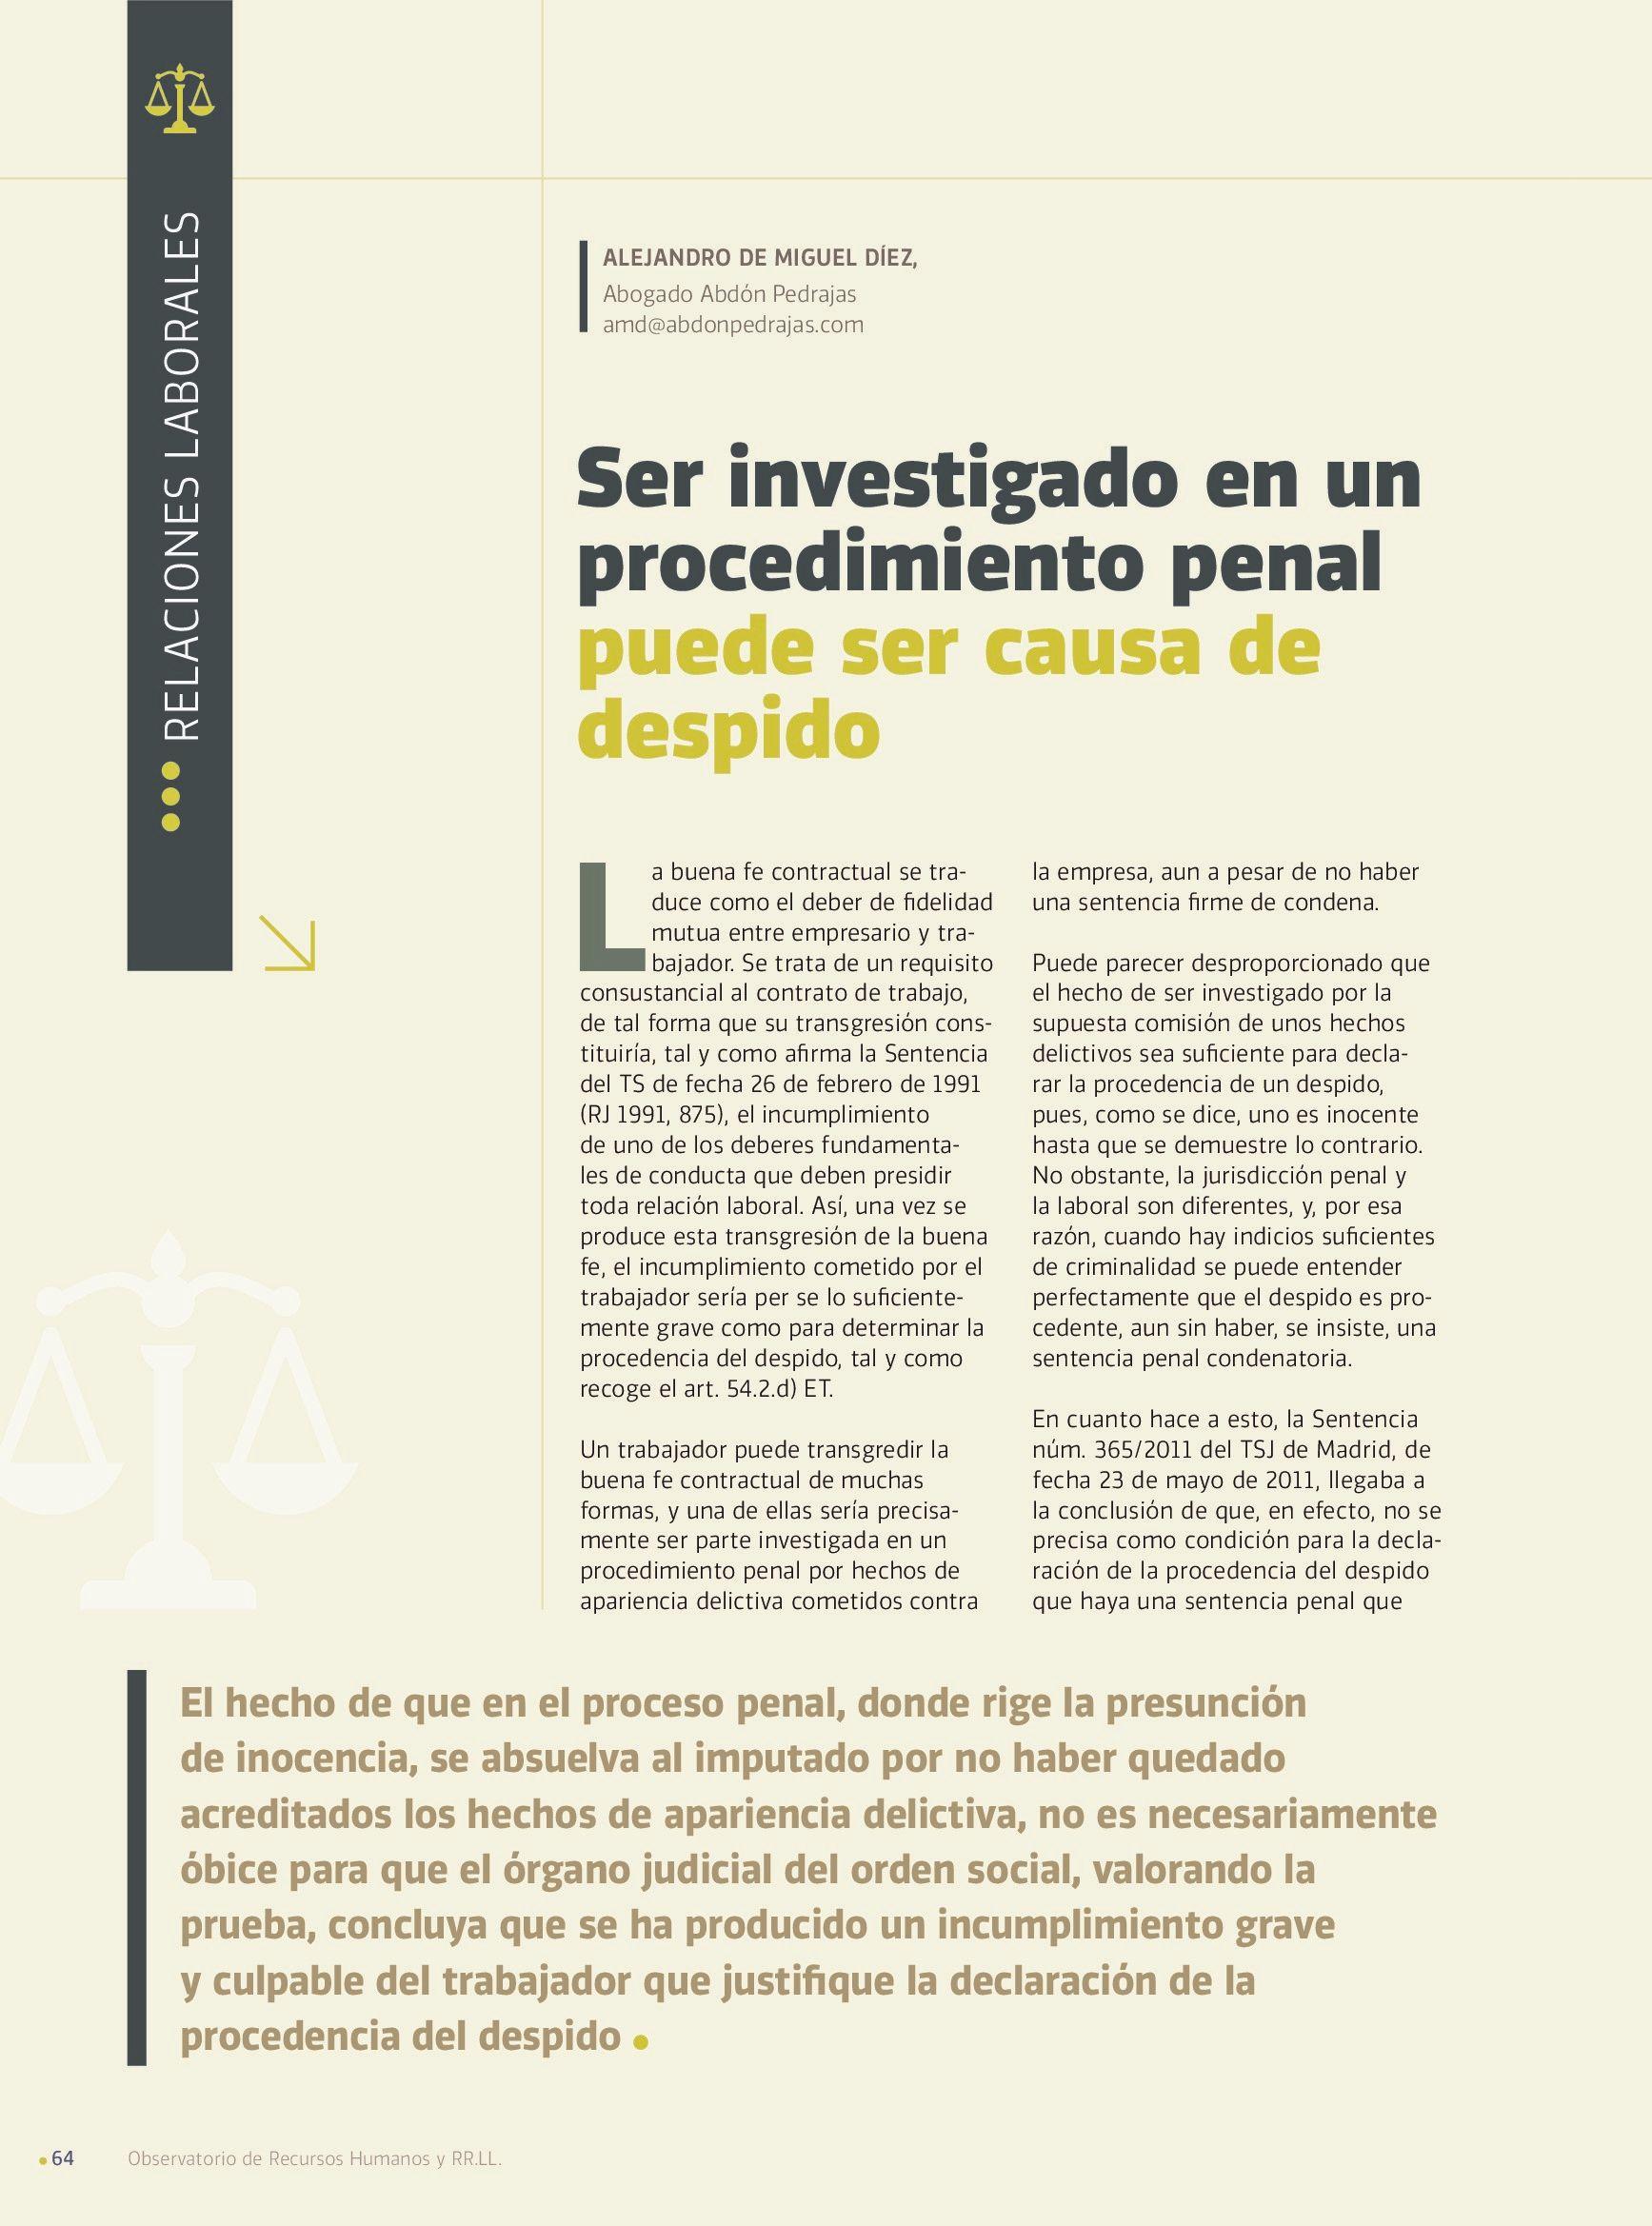 Ser investigado en un procedimiento penal puede ser causa de despido